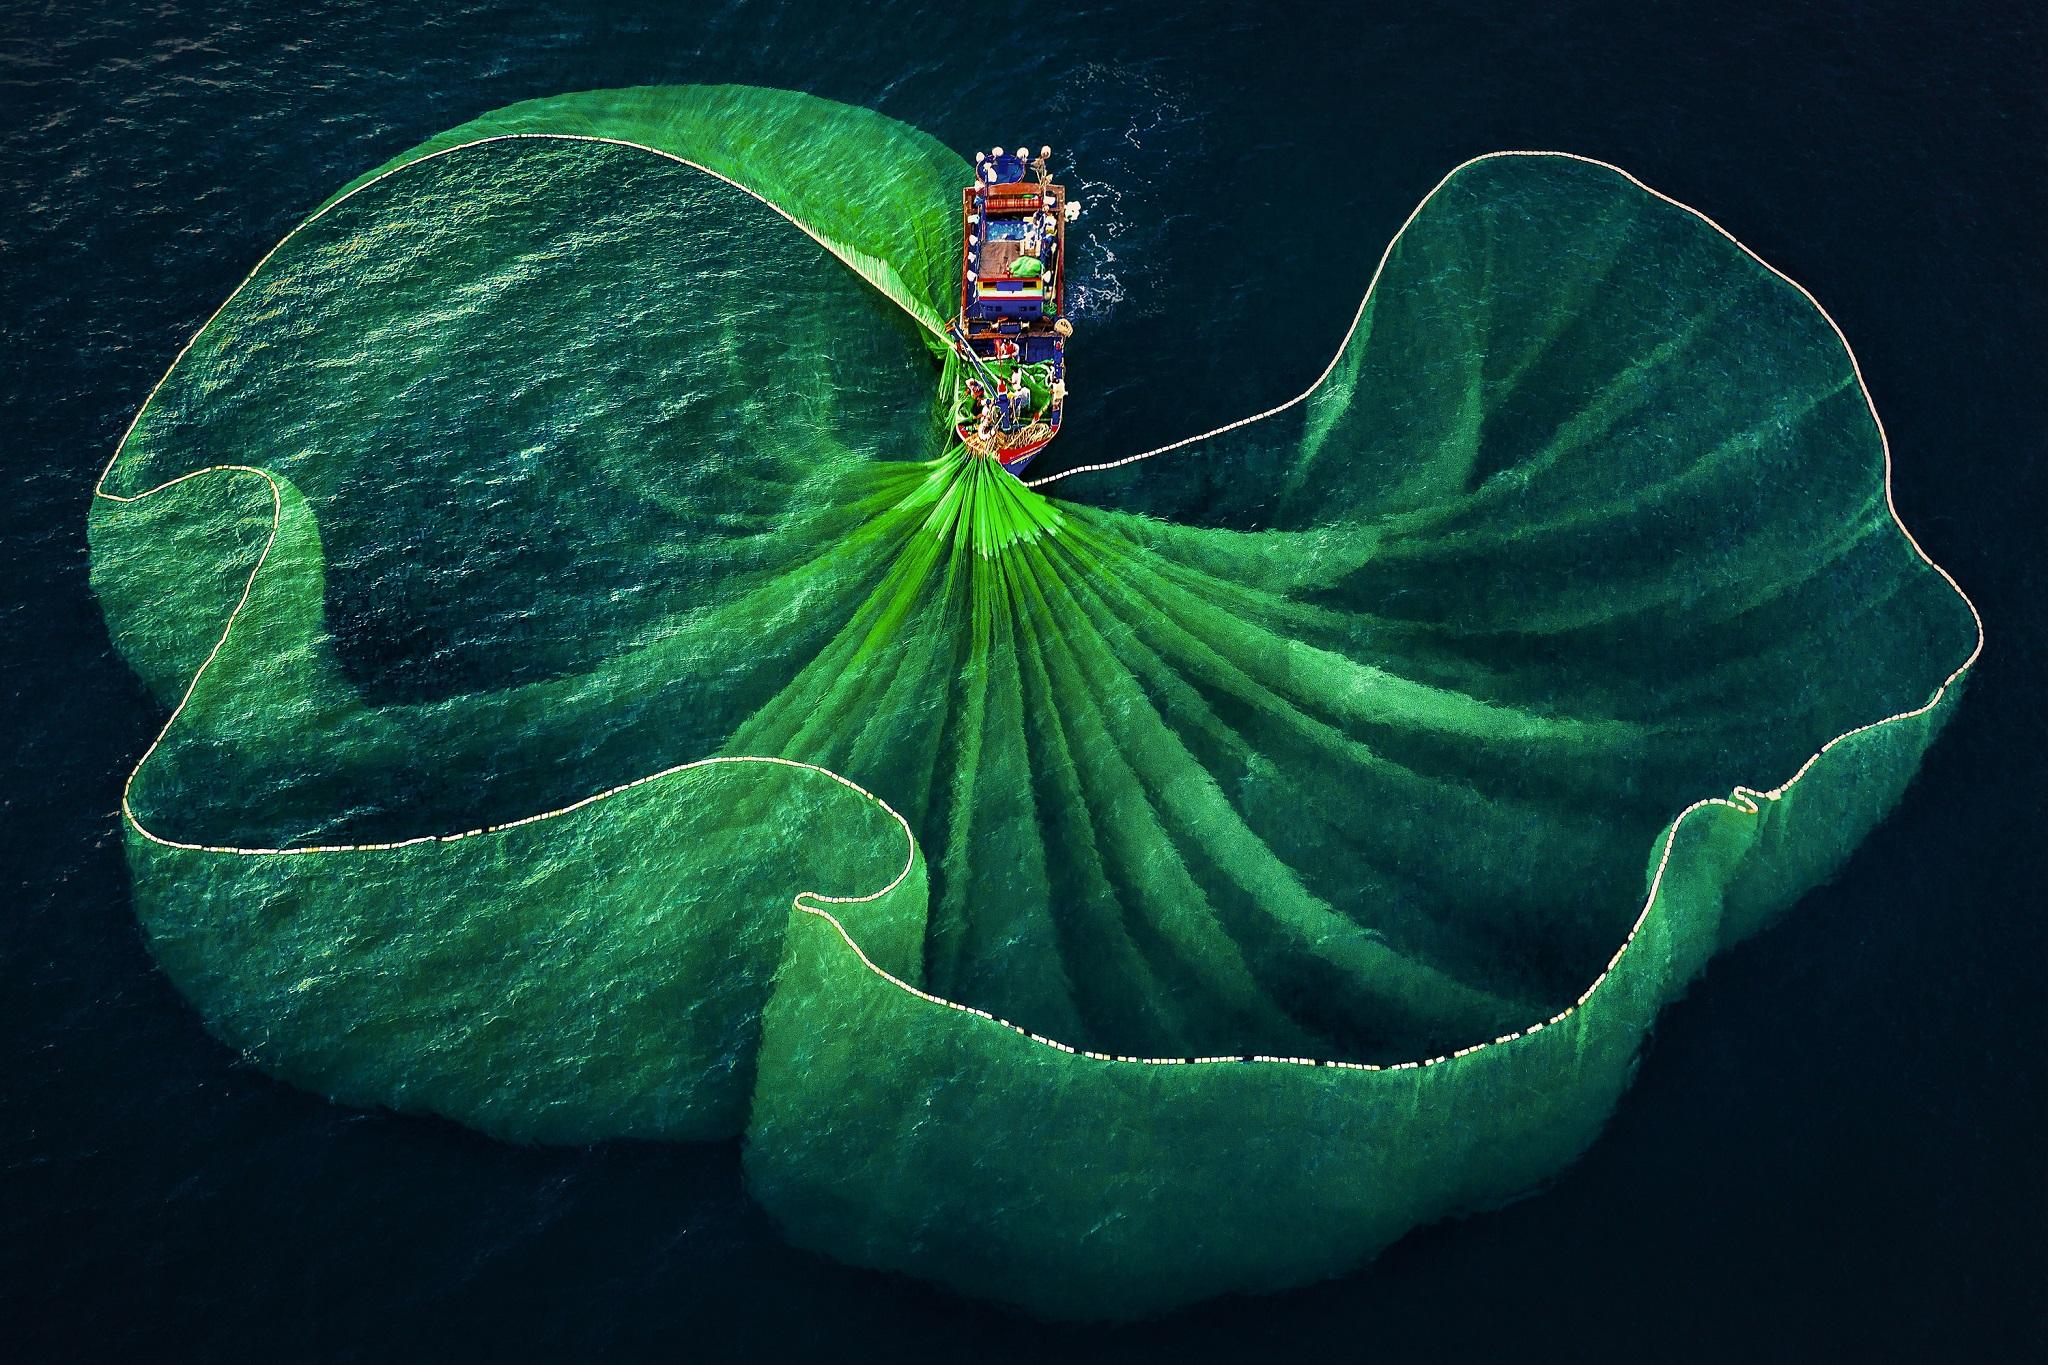 Vietnam nature, daily life focus of photo exhibit in Da Lat